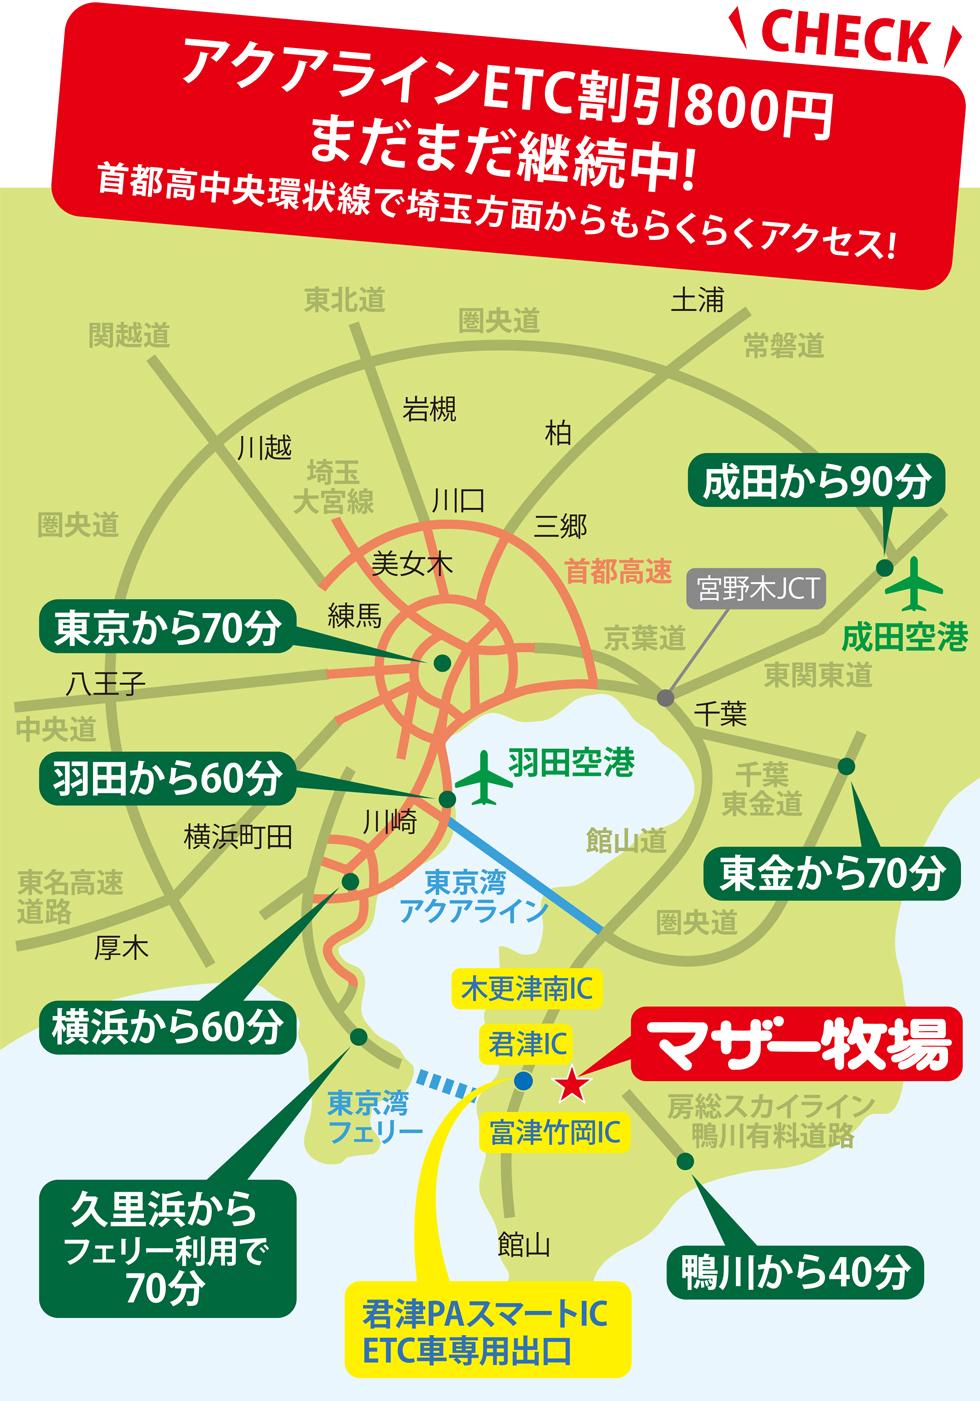 マザー牧場 アクセス 広域地図